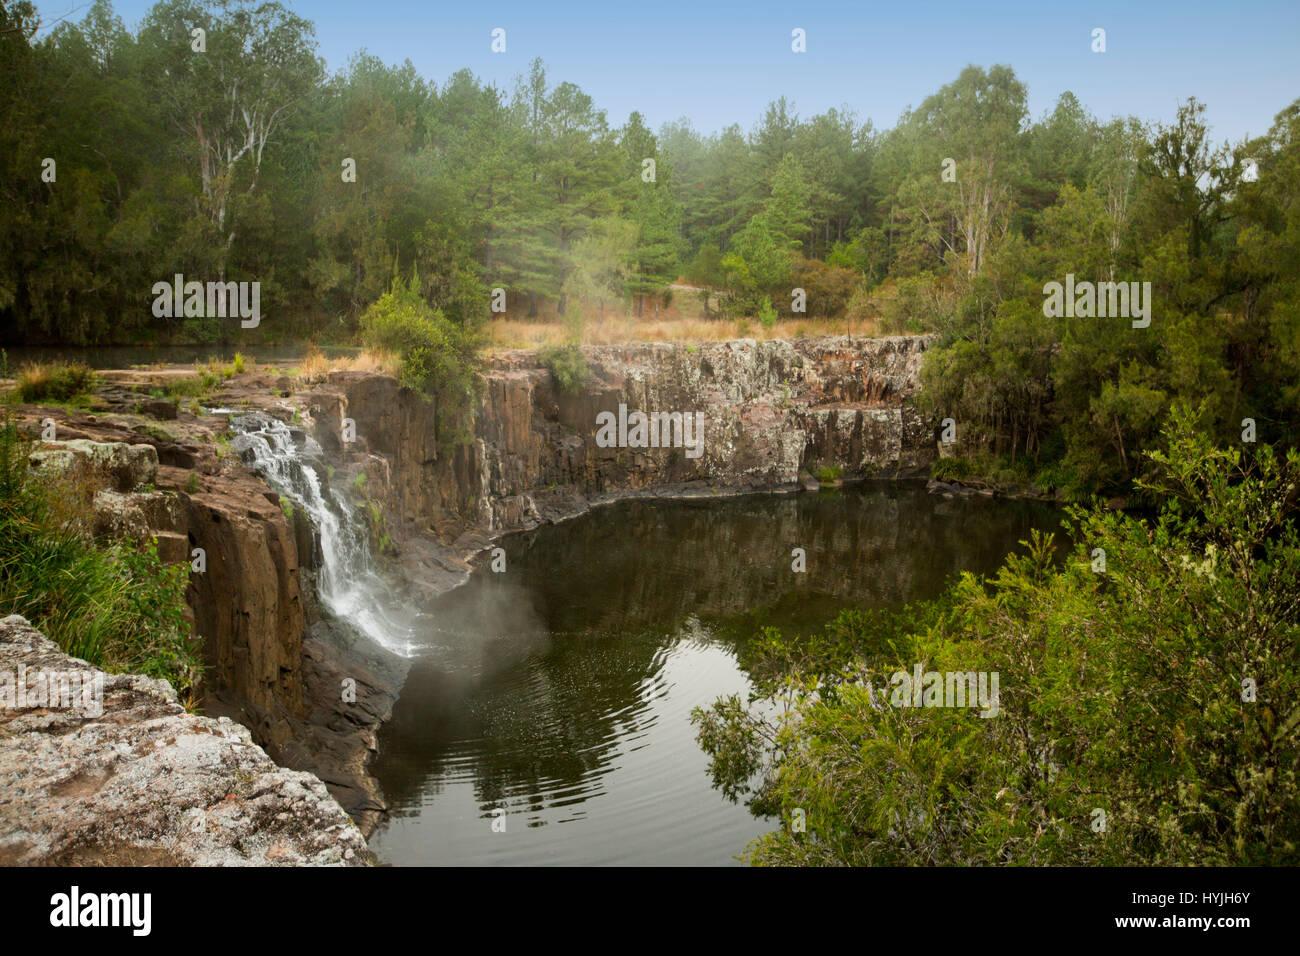 Kaskadierung über felsigen Steilufer in ruhigen Gewässern des tiefen Pool am Tooloom Wasserfall fällt Stockbild